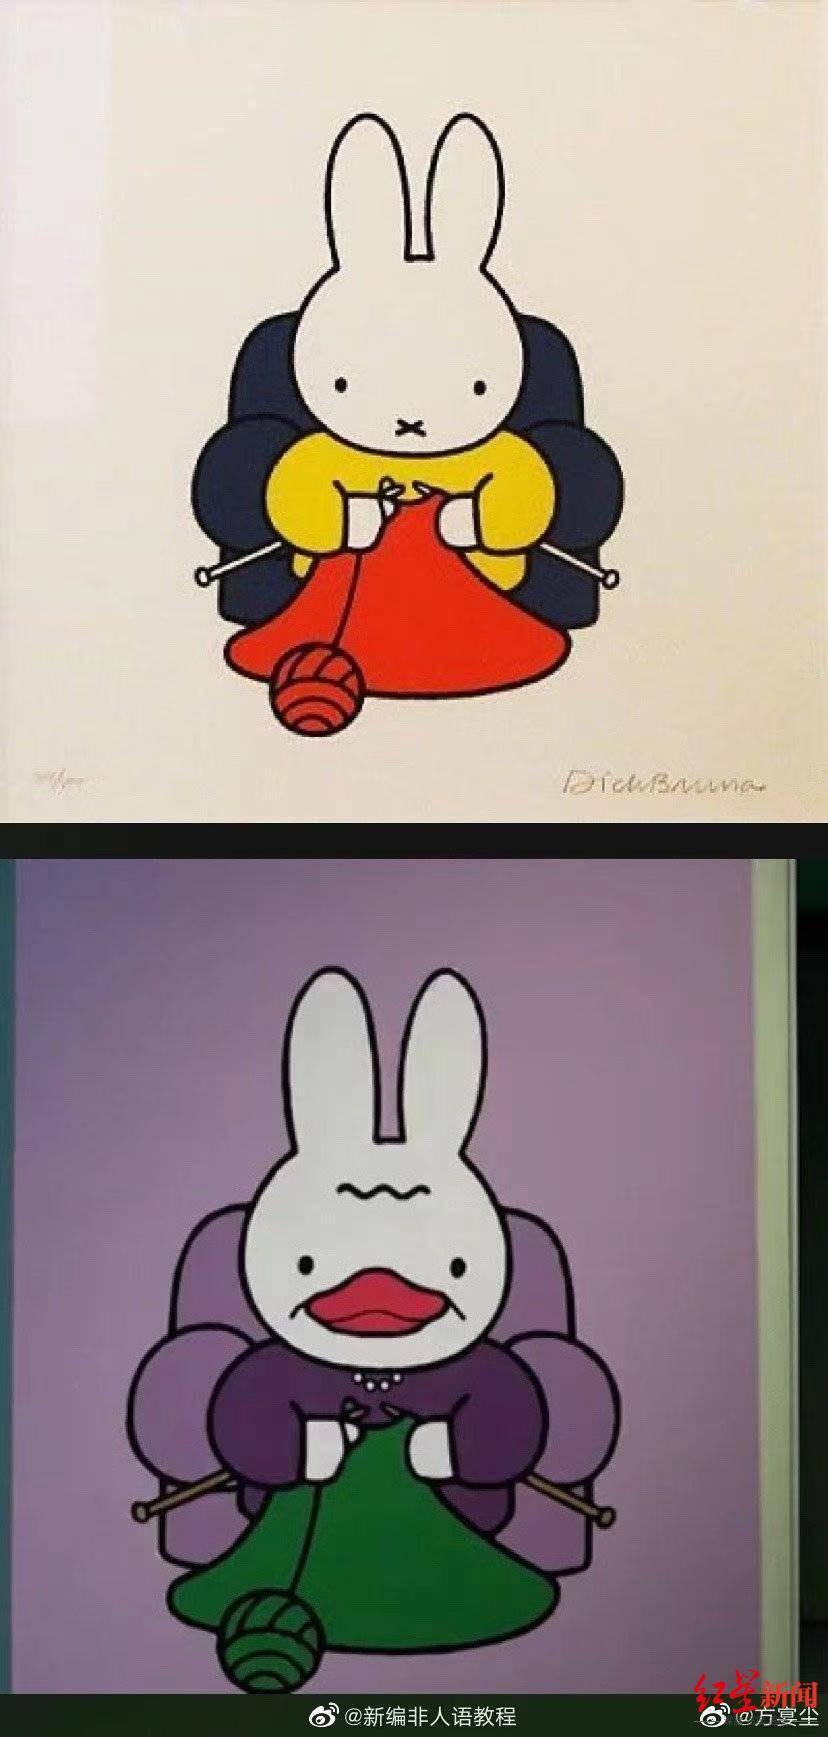 广美专家教授否定剽窃米菲兔:全部公共性标记全是艺术大师写作的